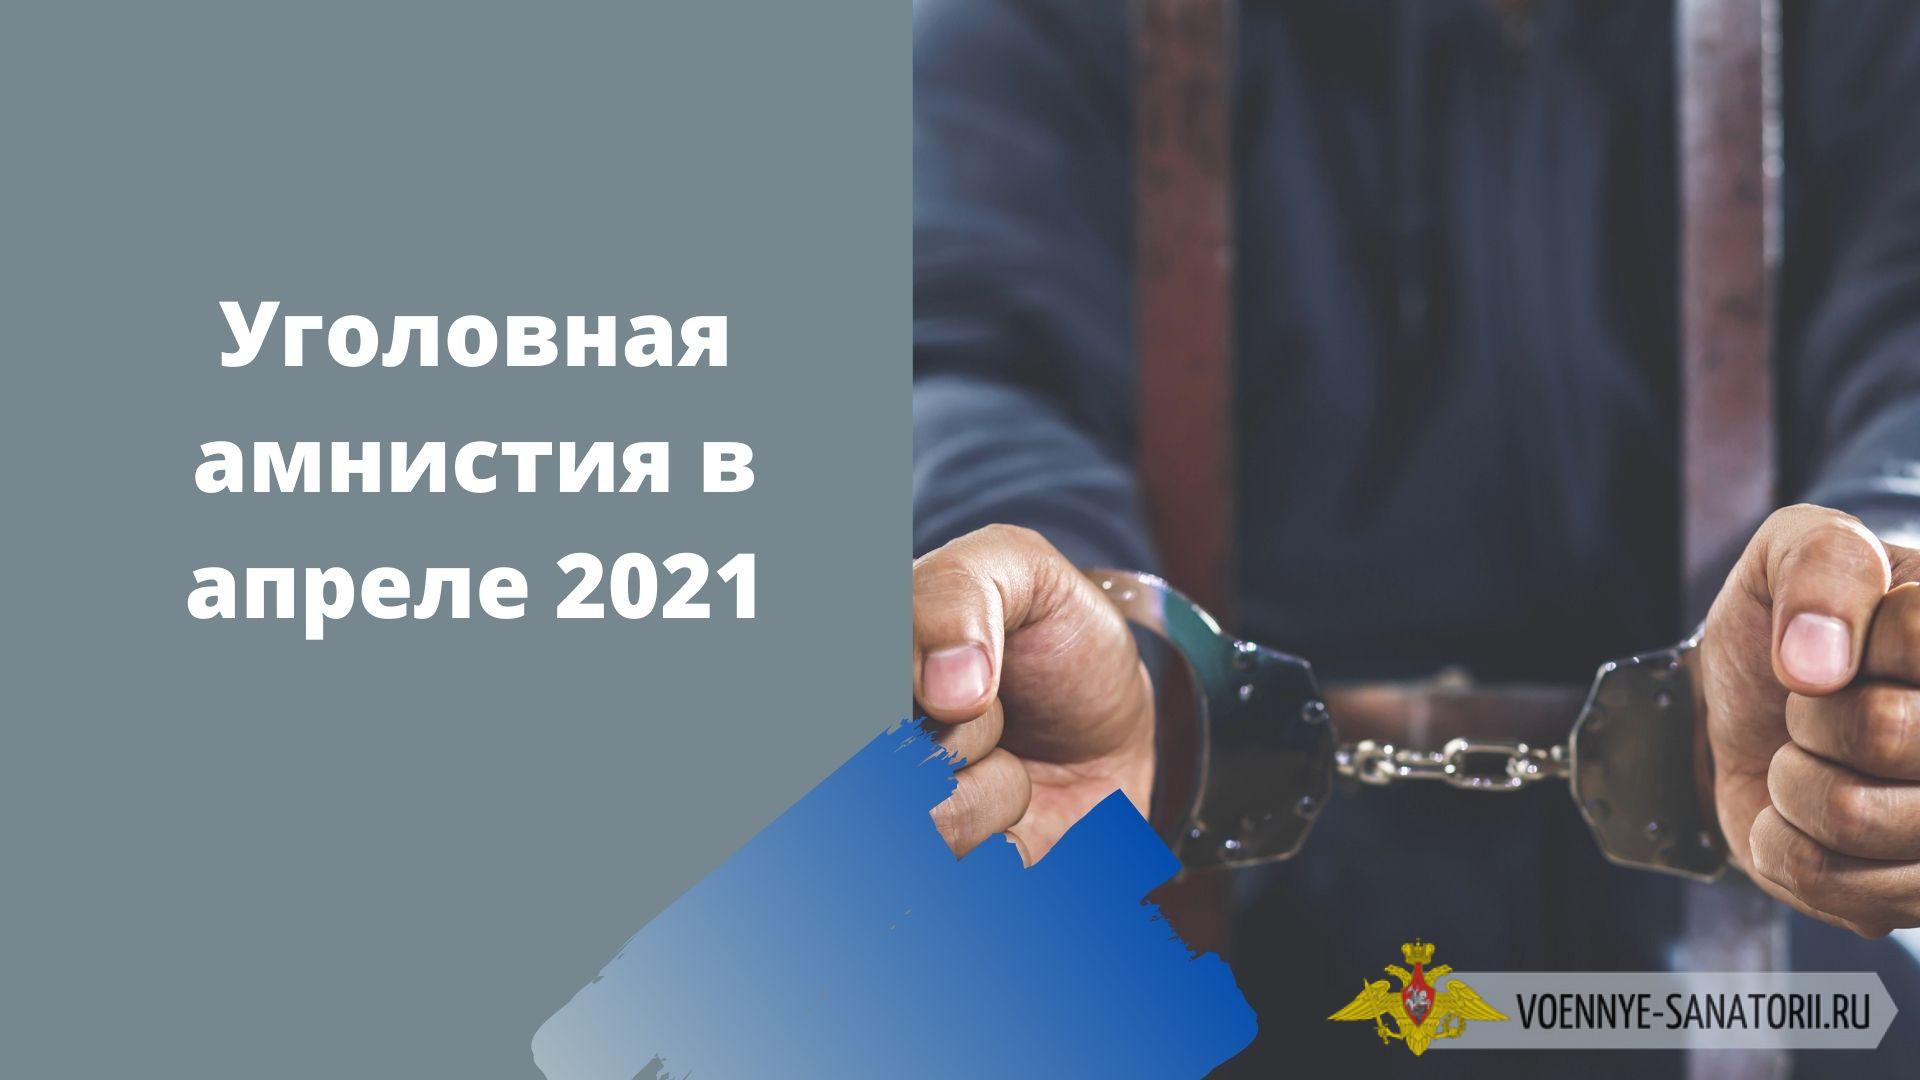 Объявят ли в 2021 году амнистию по уголовным делам